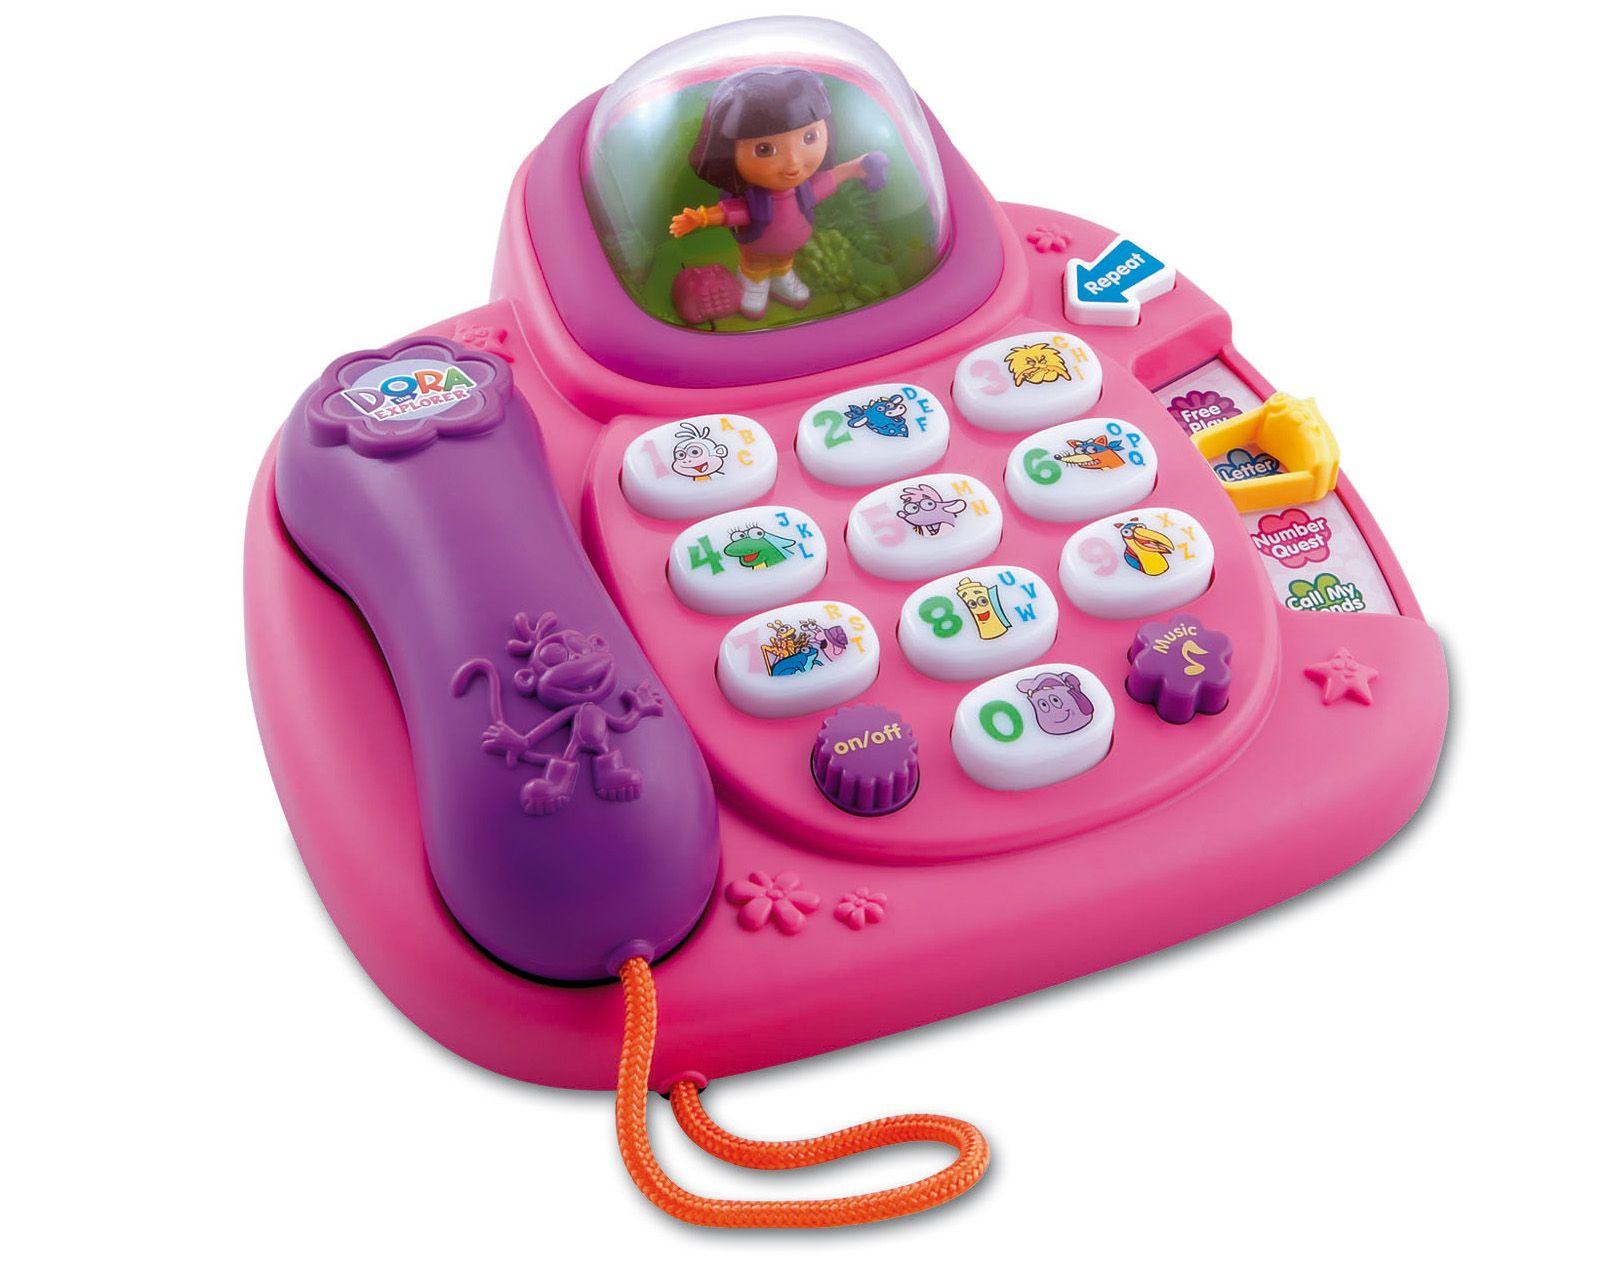 Dora learning phone toddler girl toys dora the explorer